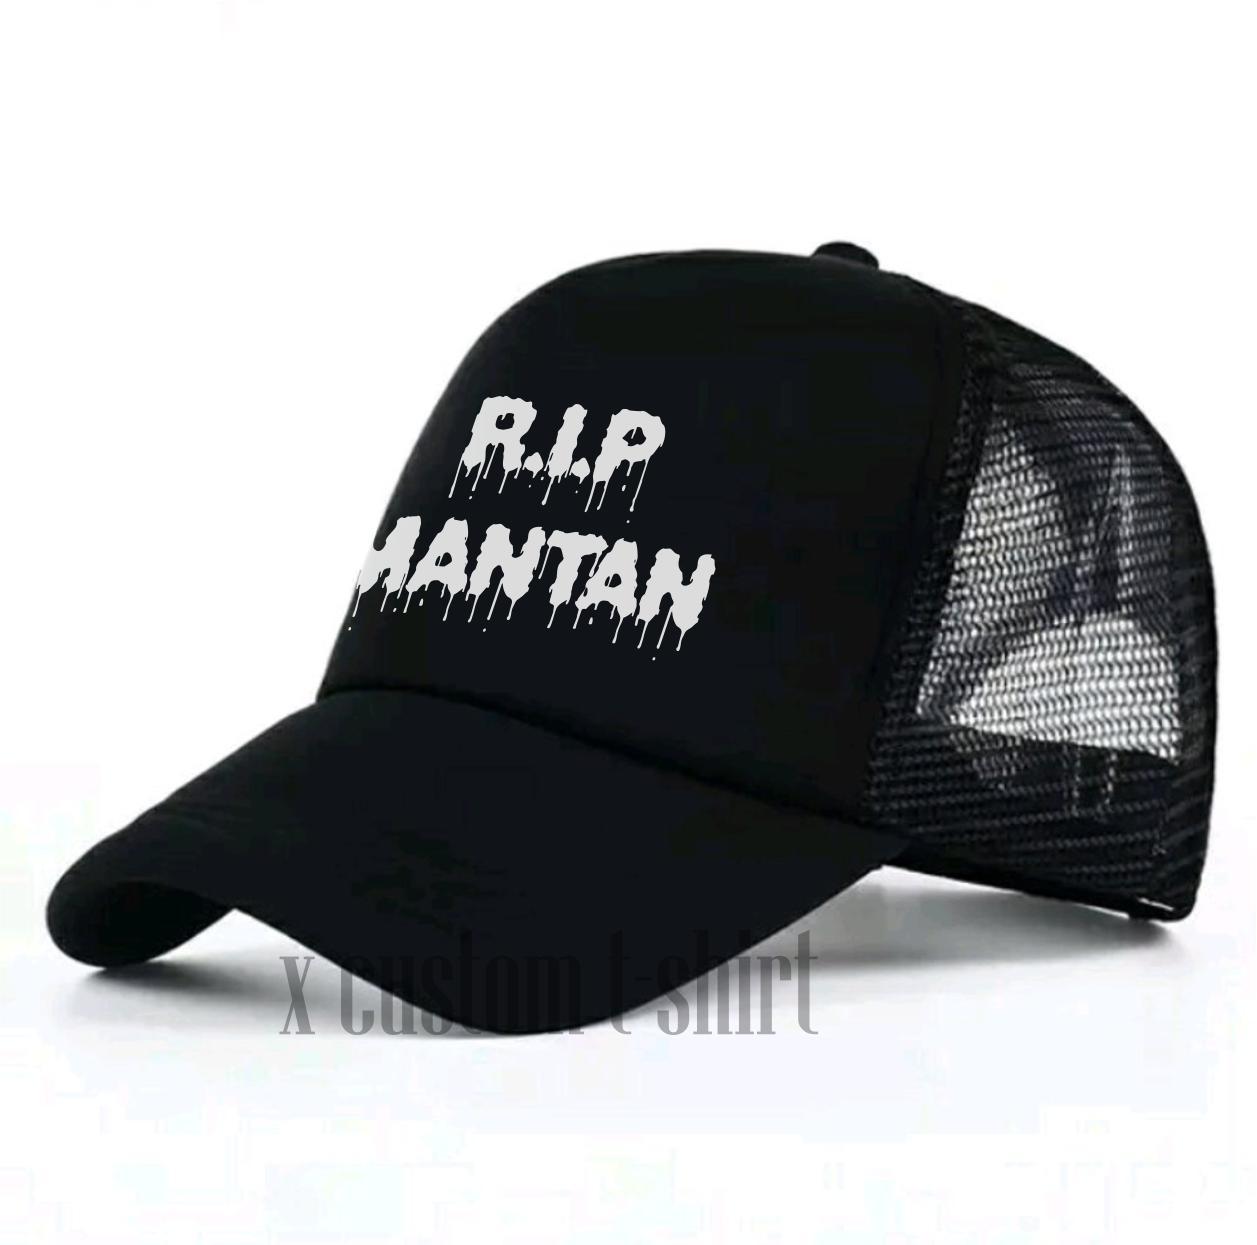 Topi pria / Topi distro / trucker mantan